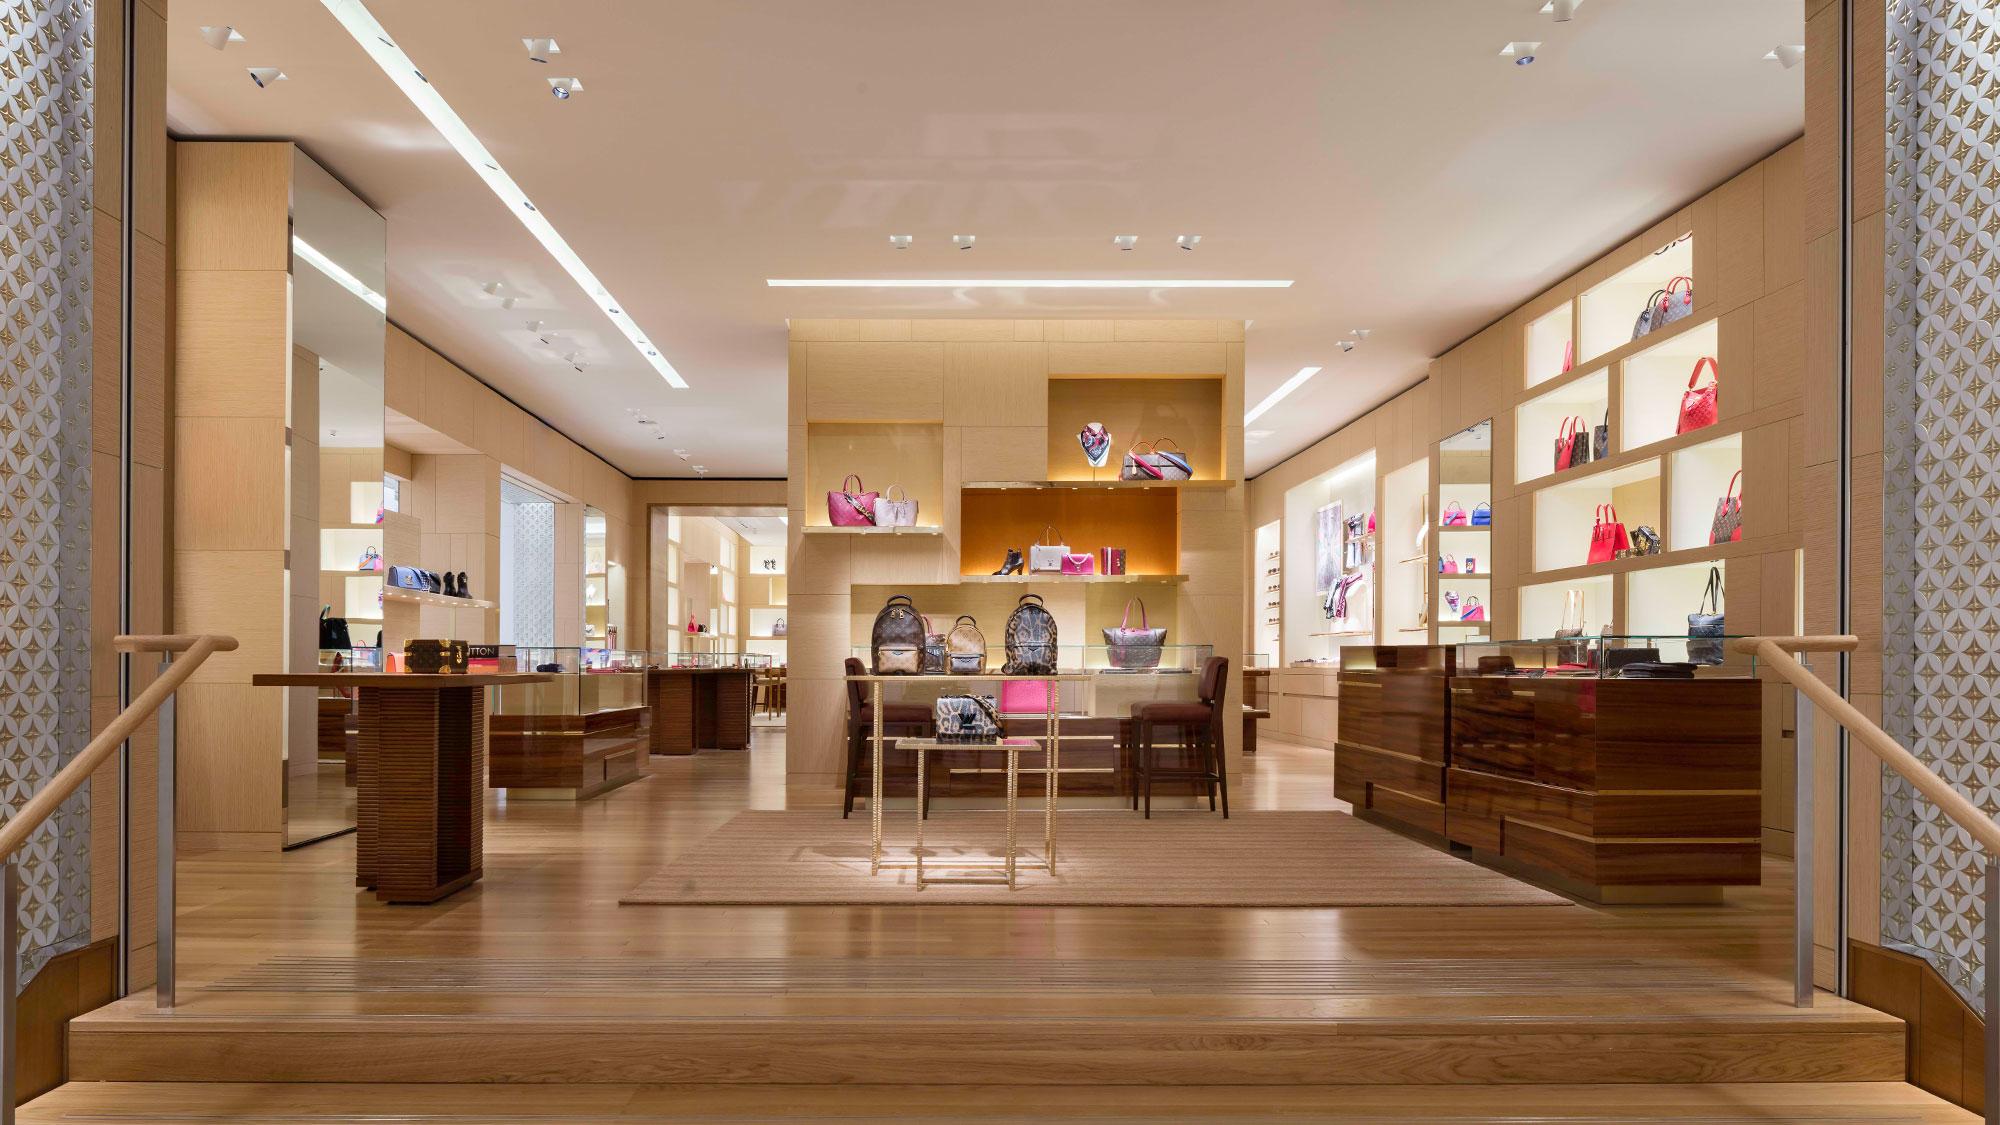 Louis Vuitton Holt Renfrew Vancouver Women's